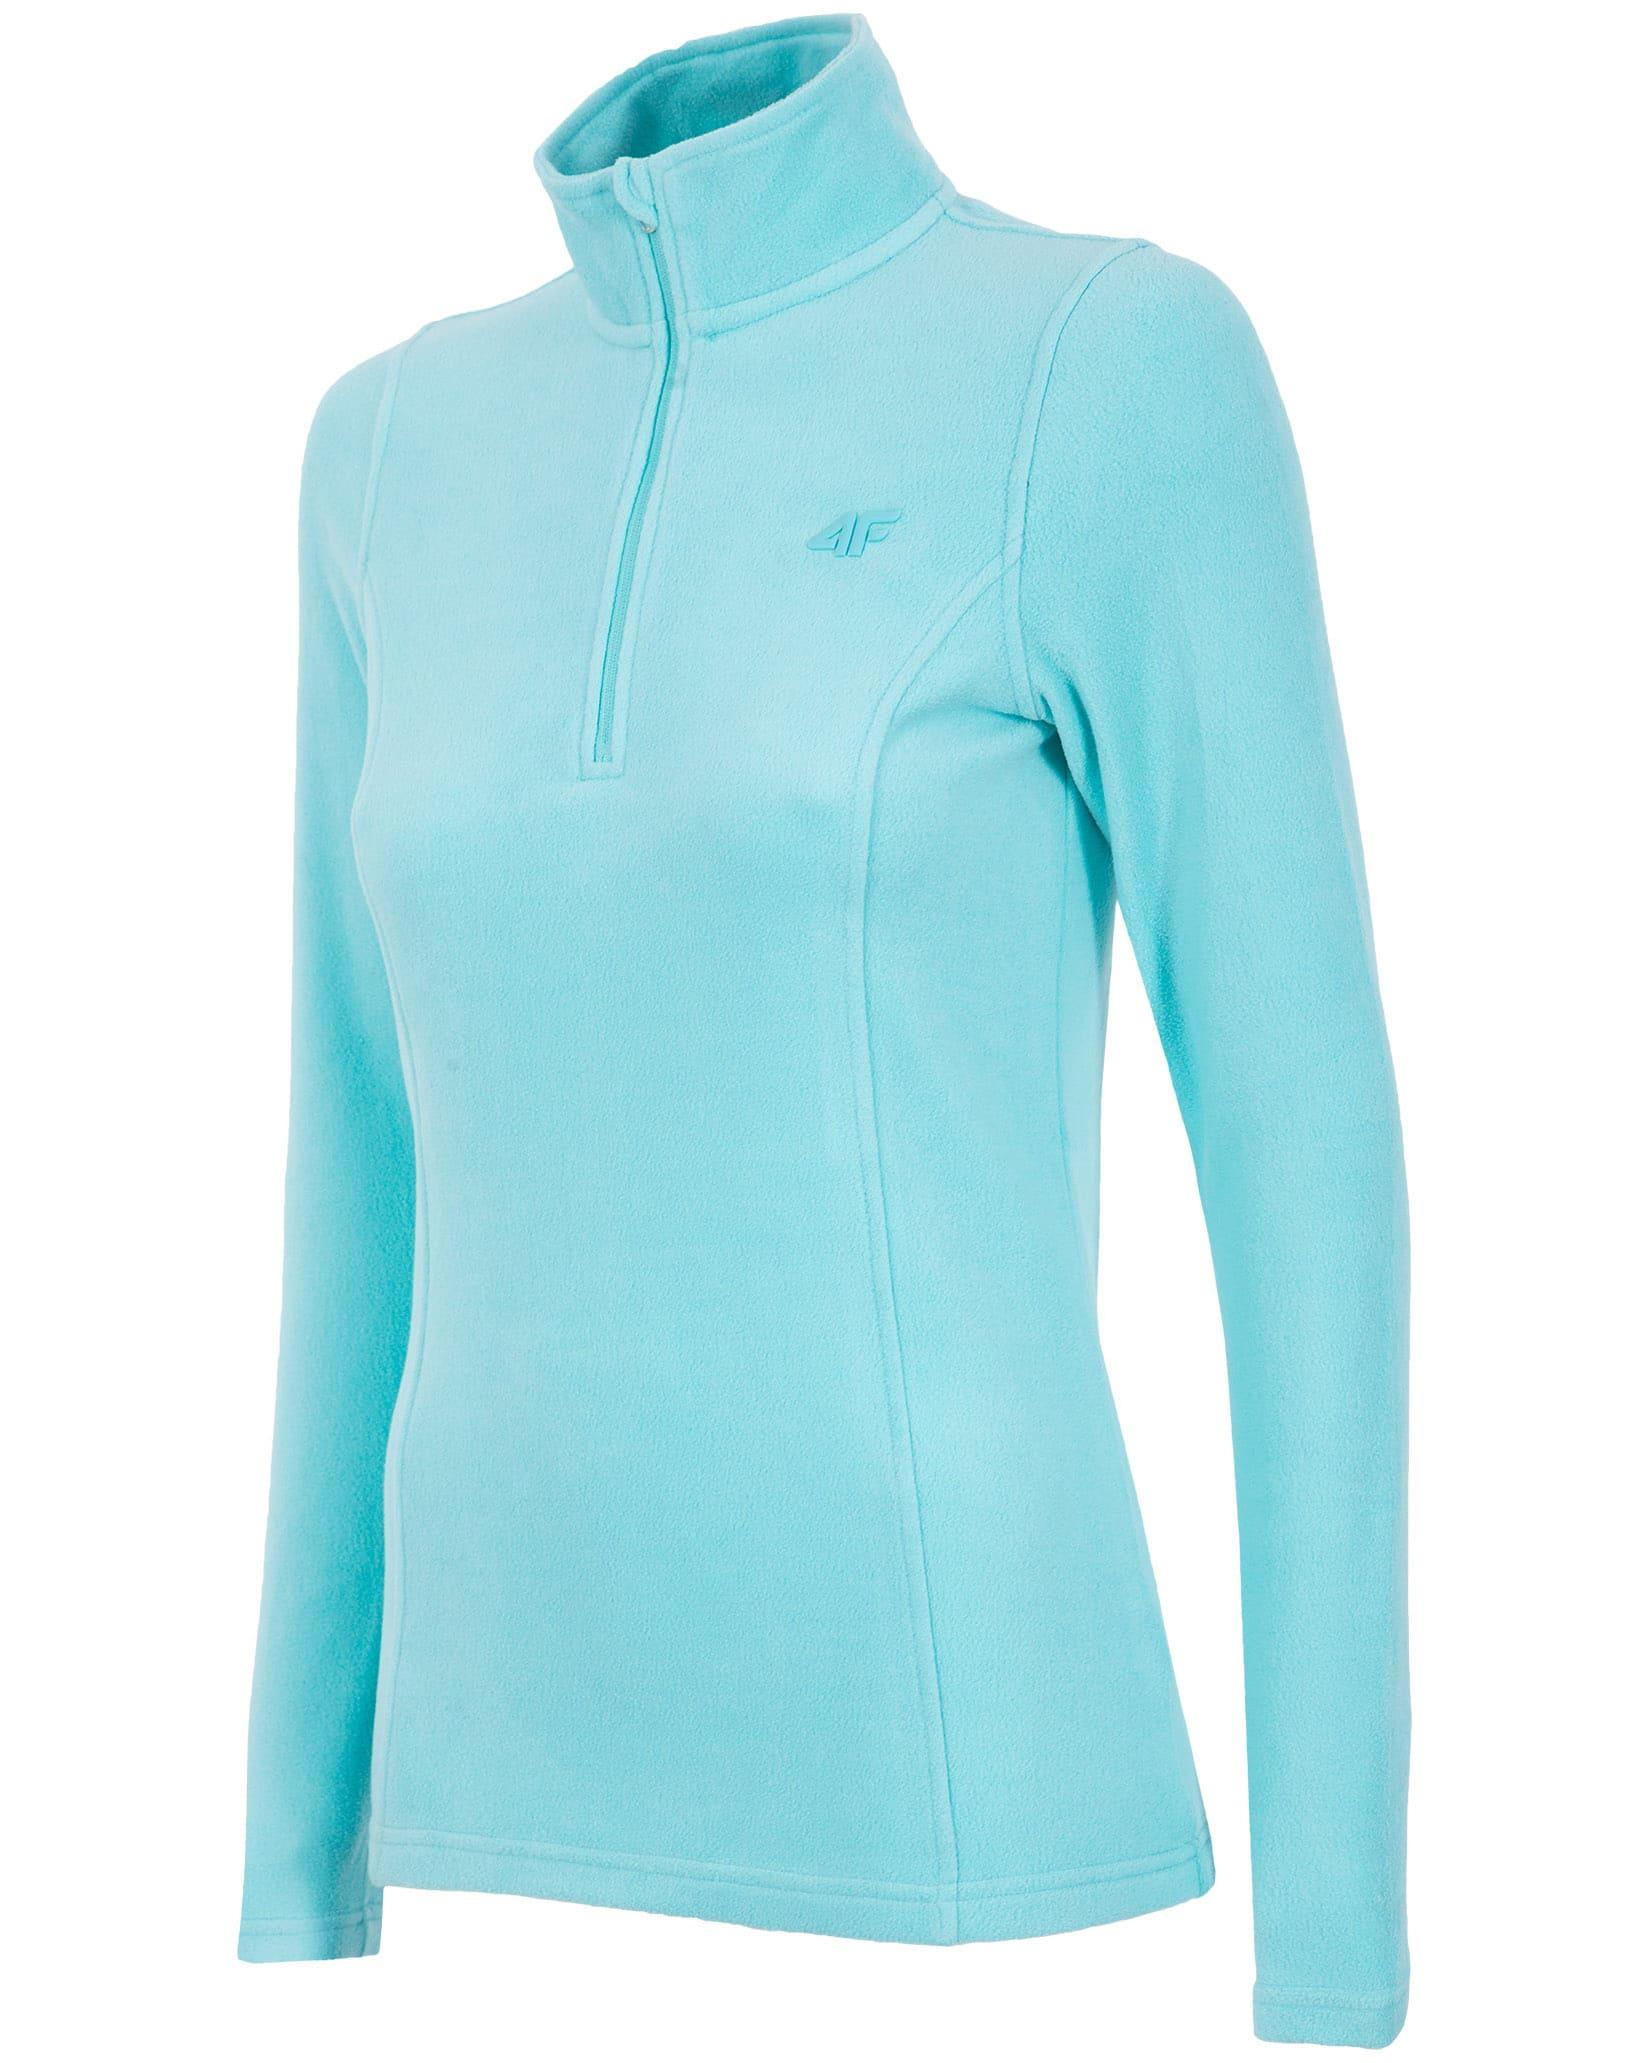 4F Fleece Underwear - Turquoise Light